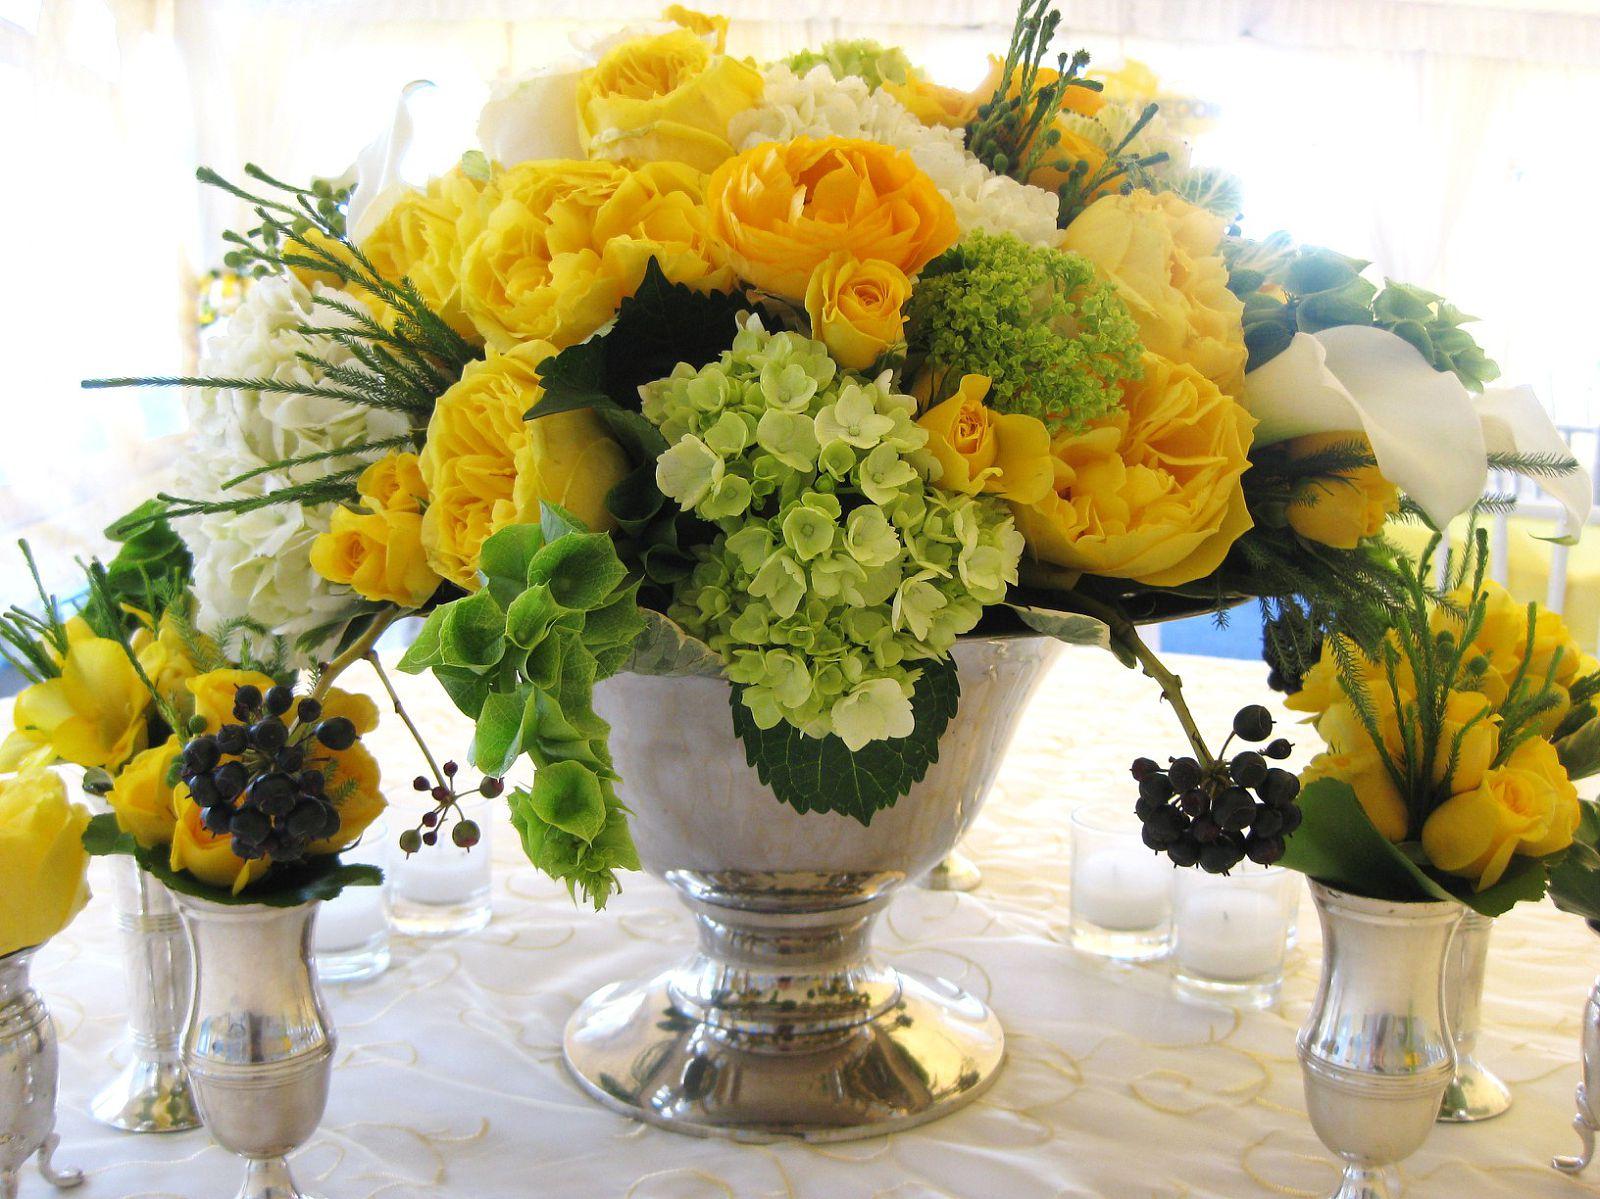 Yellow rose flower arrangements 34 cool wallpaper yellow rose flower arrangements free wallpaper izmirmasajfo